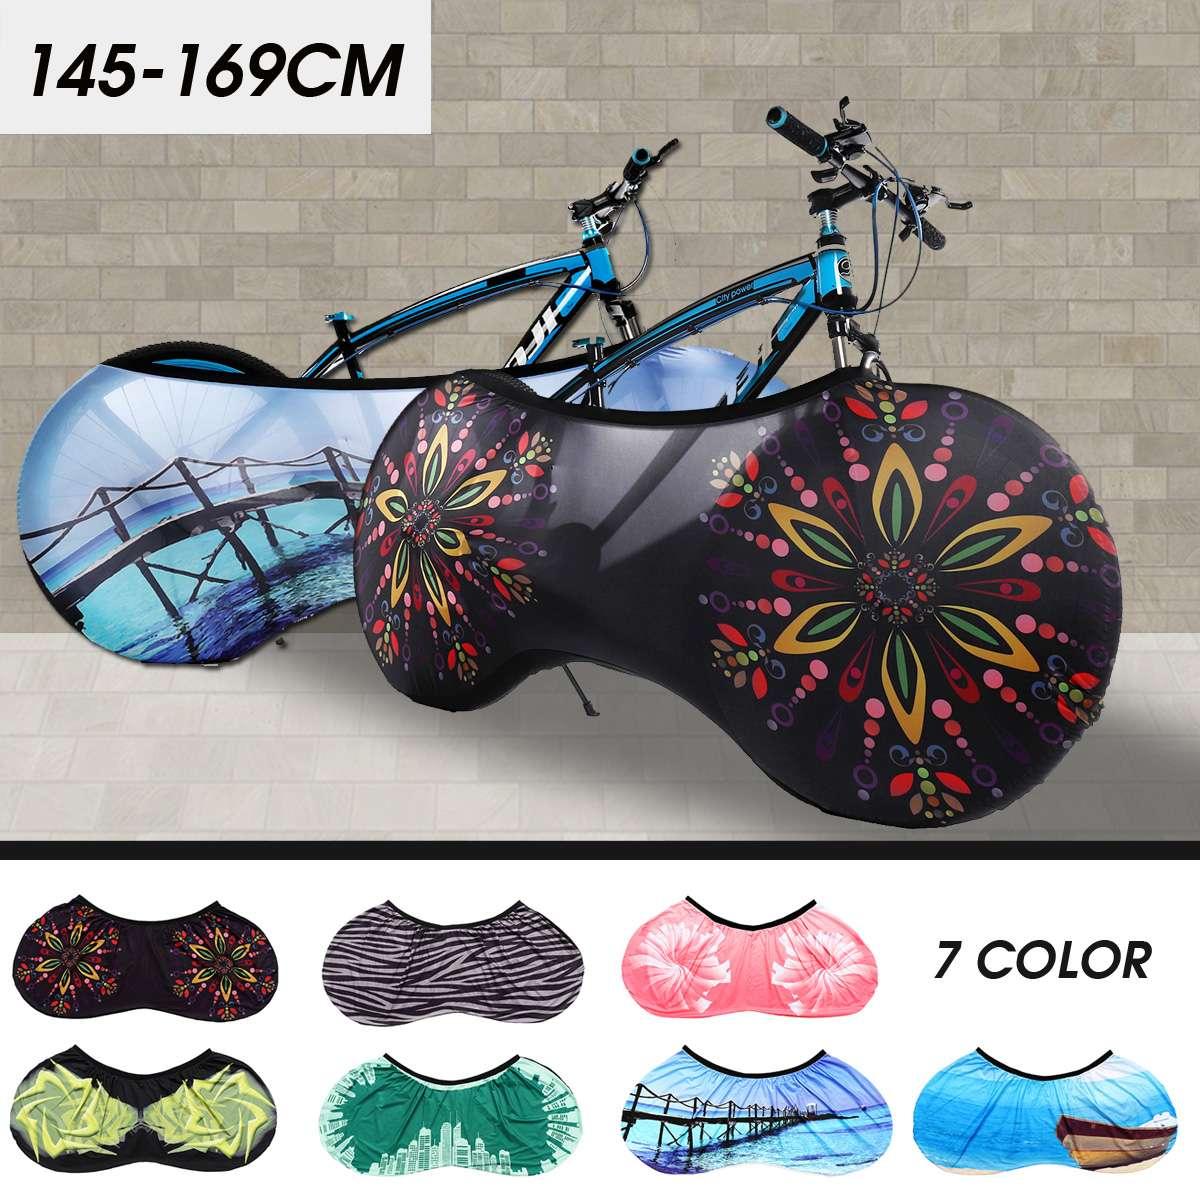 139cm à 170cm noir vélo vélo siège arrière étanche à la pluie cargaison couverture vélo Rack sac Protection poussière